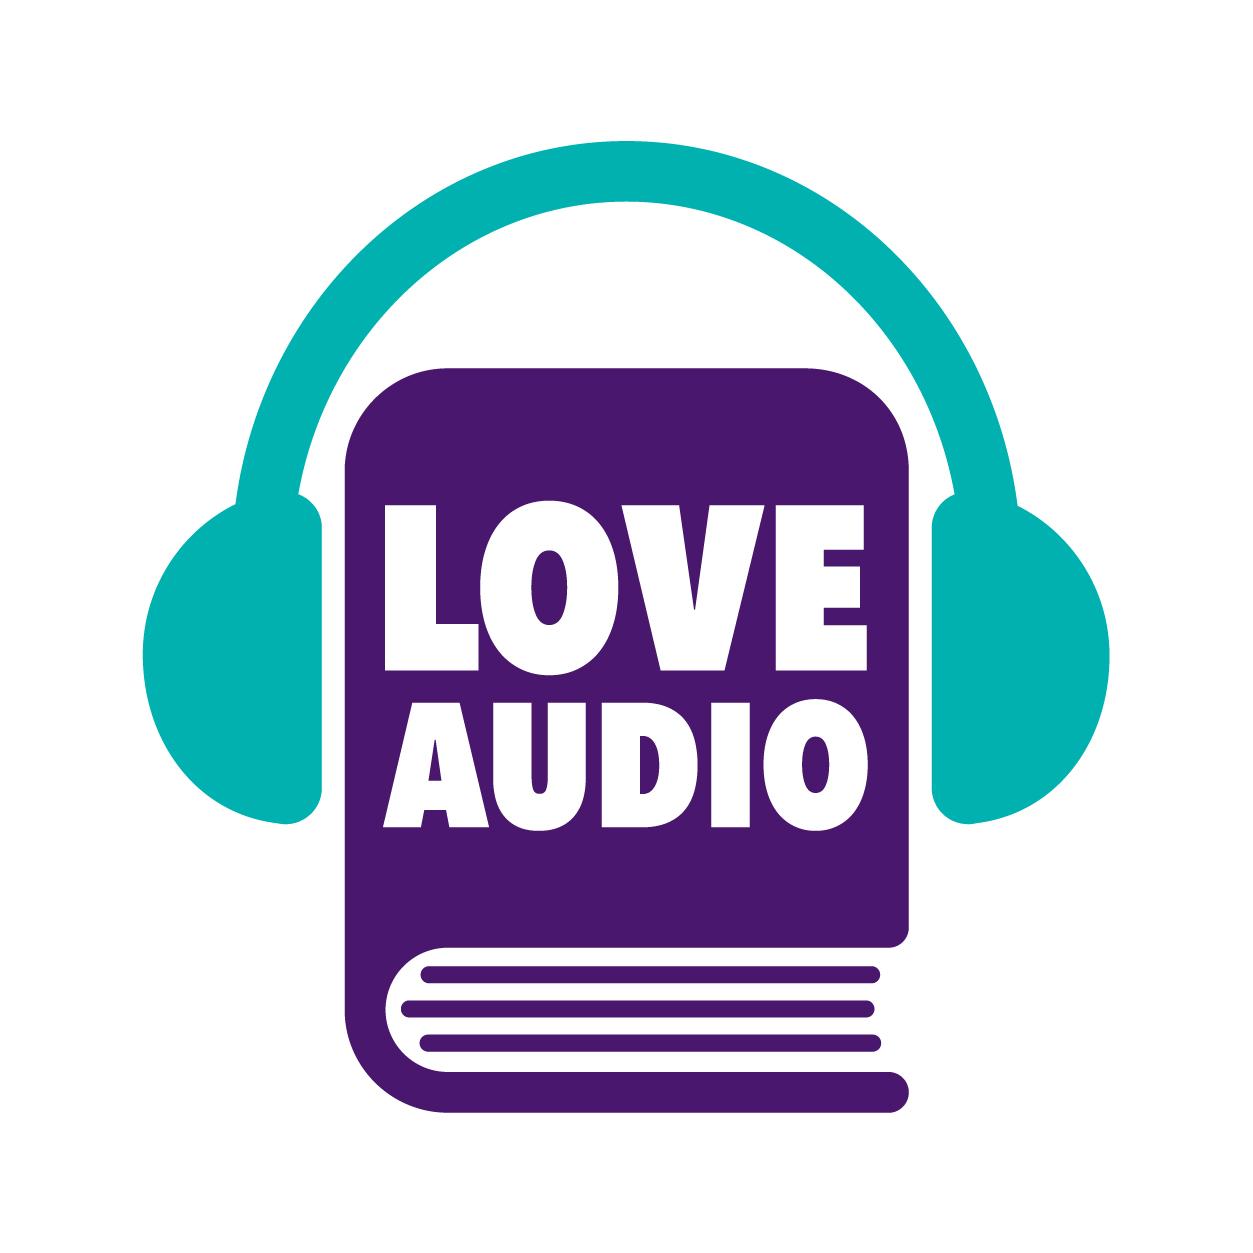 Love Audio logo